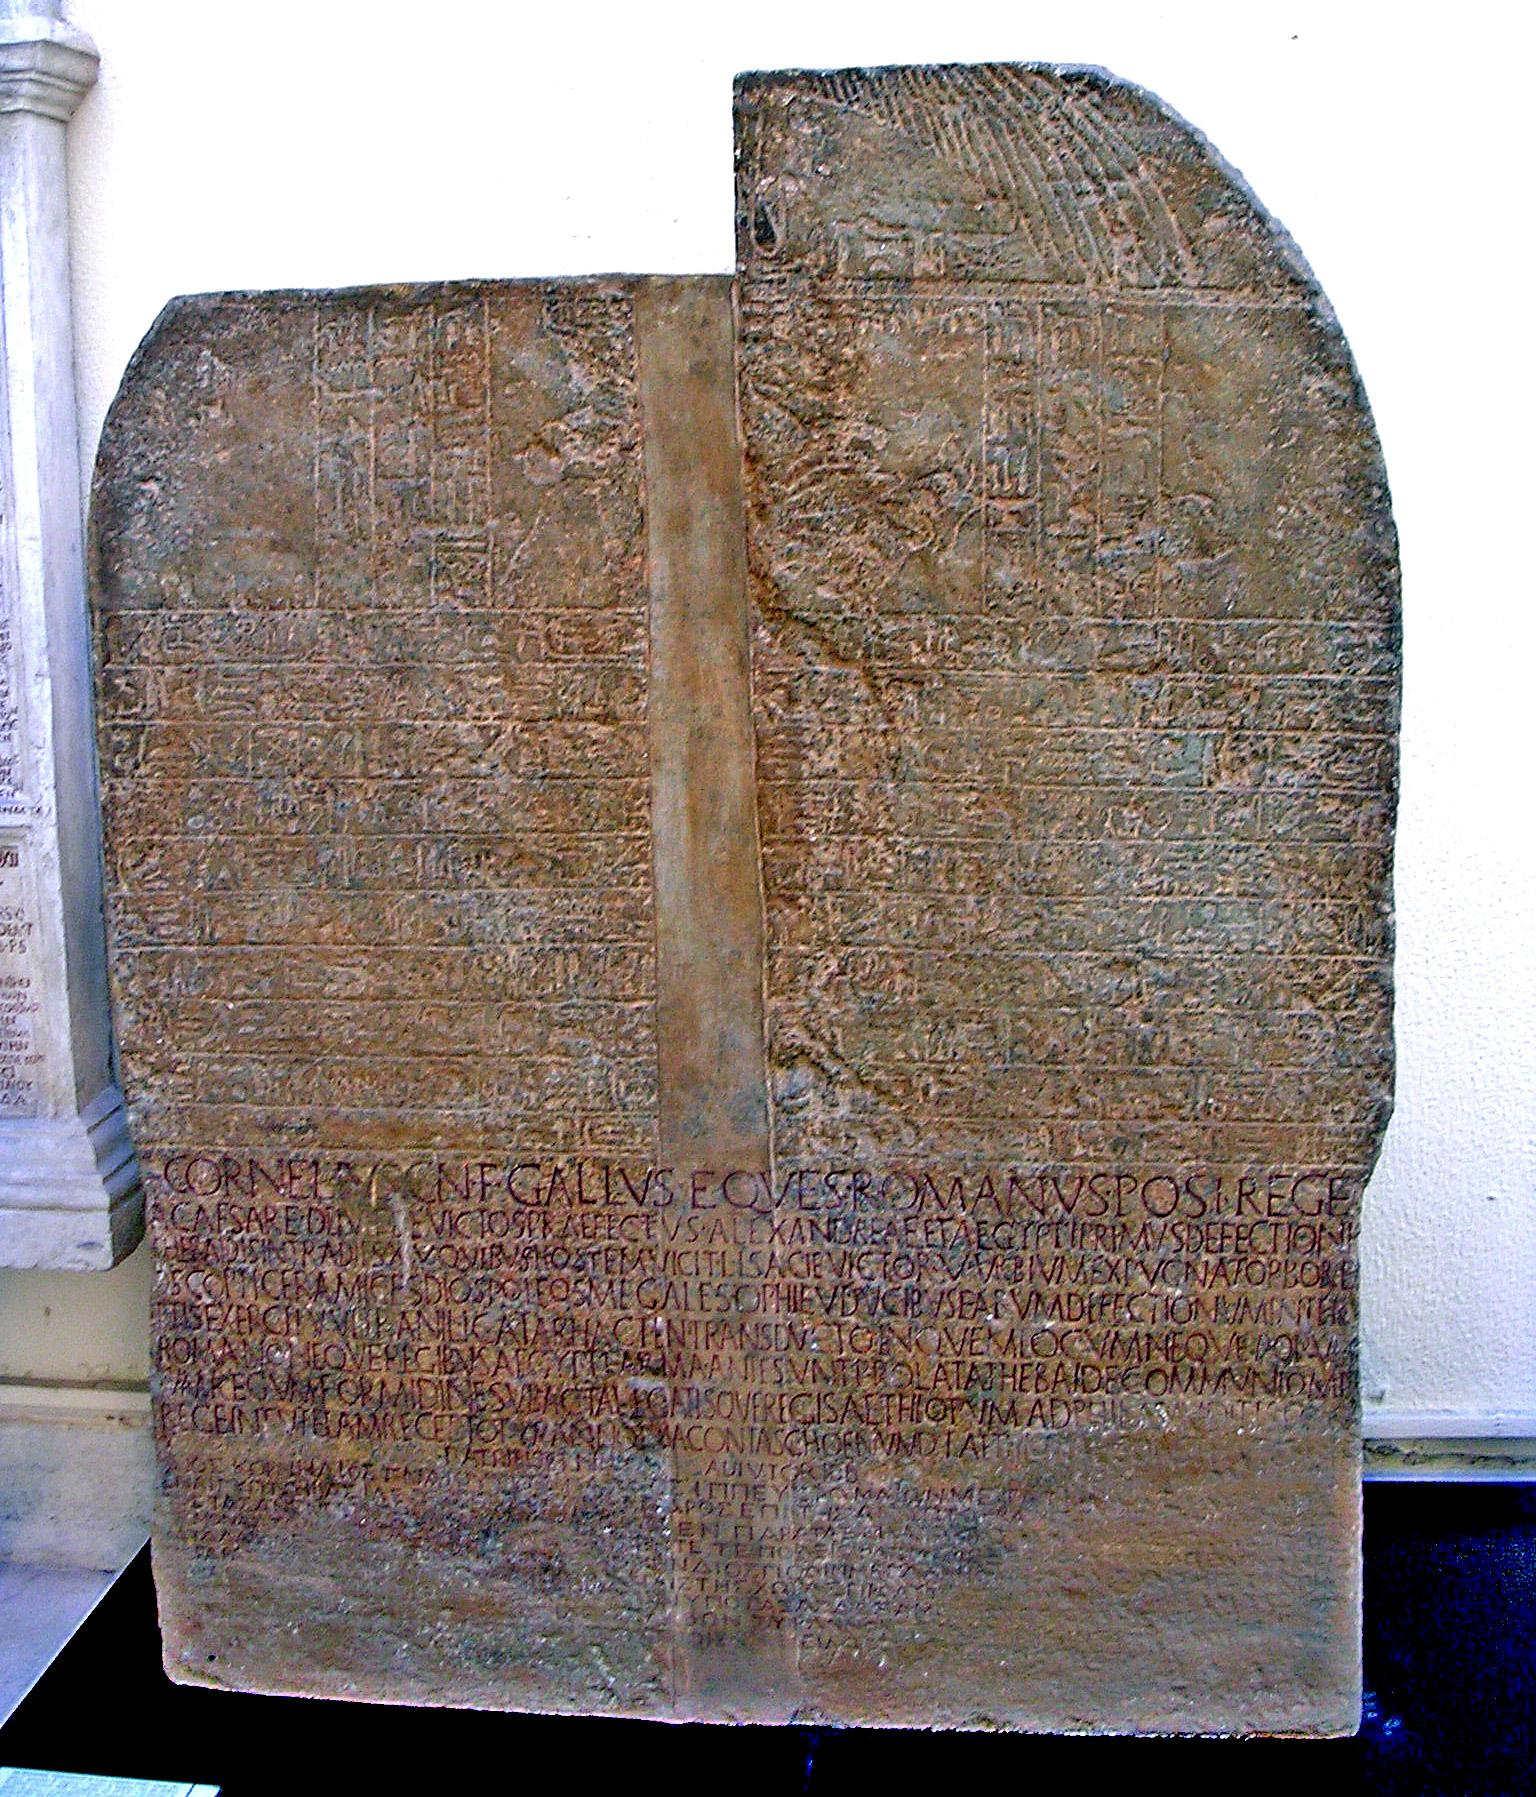 Dedication of Cornelius Gallus (CIL III, 14147)